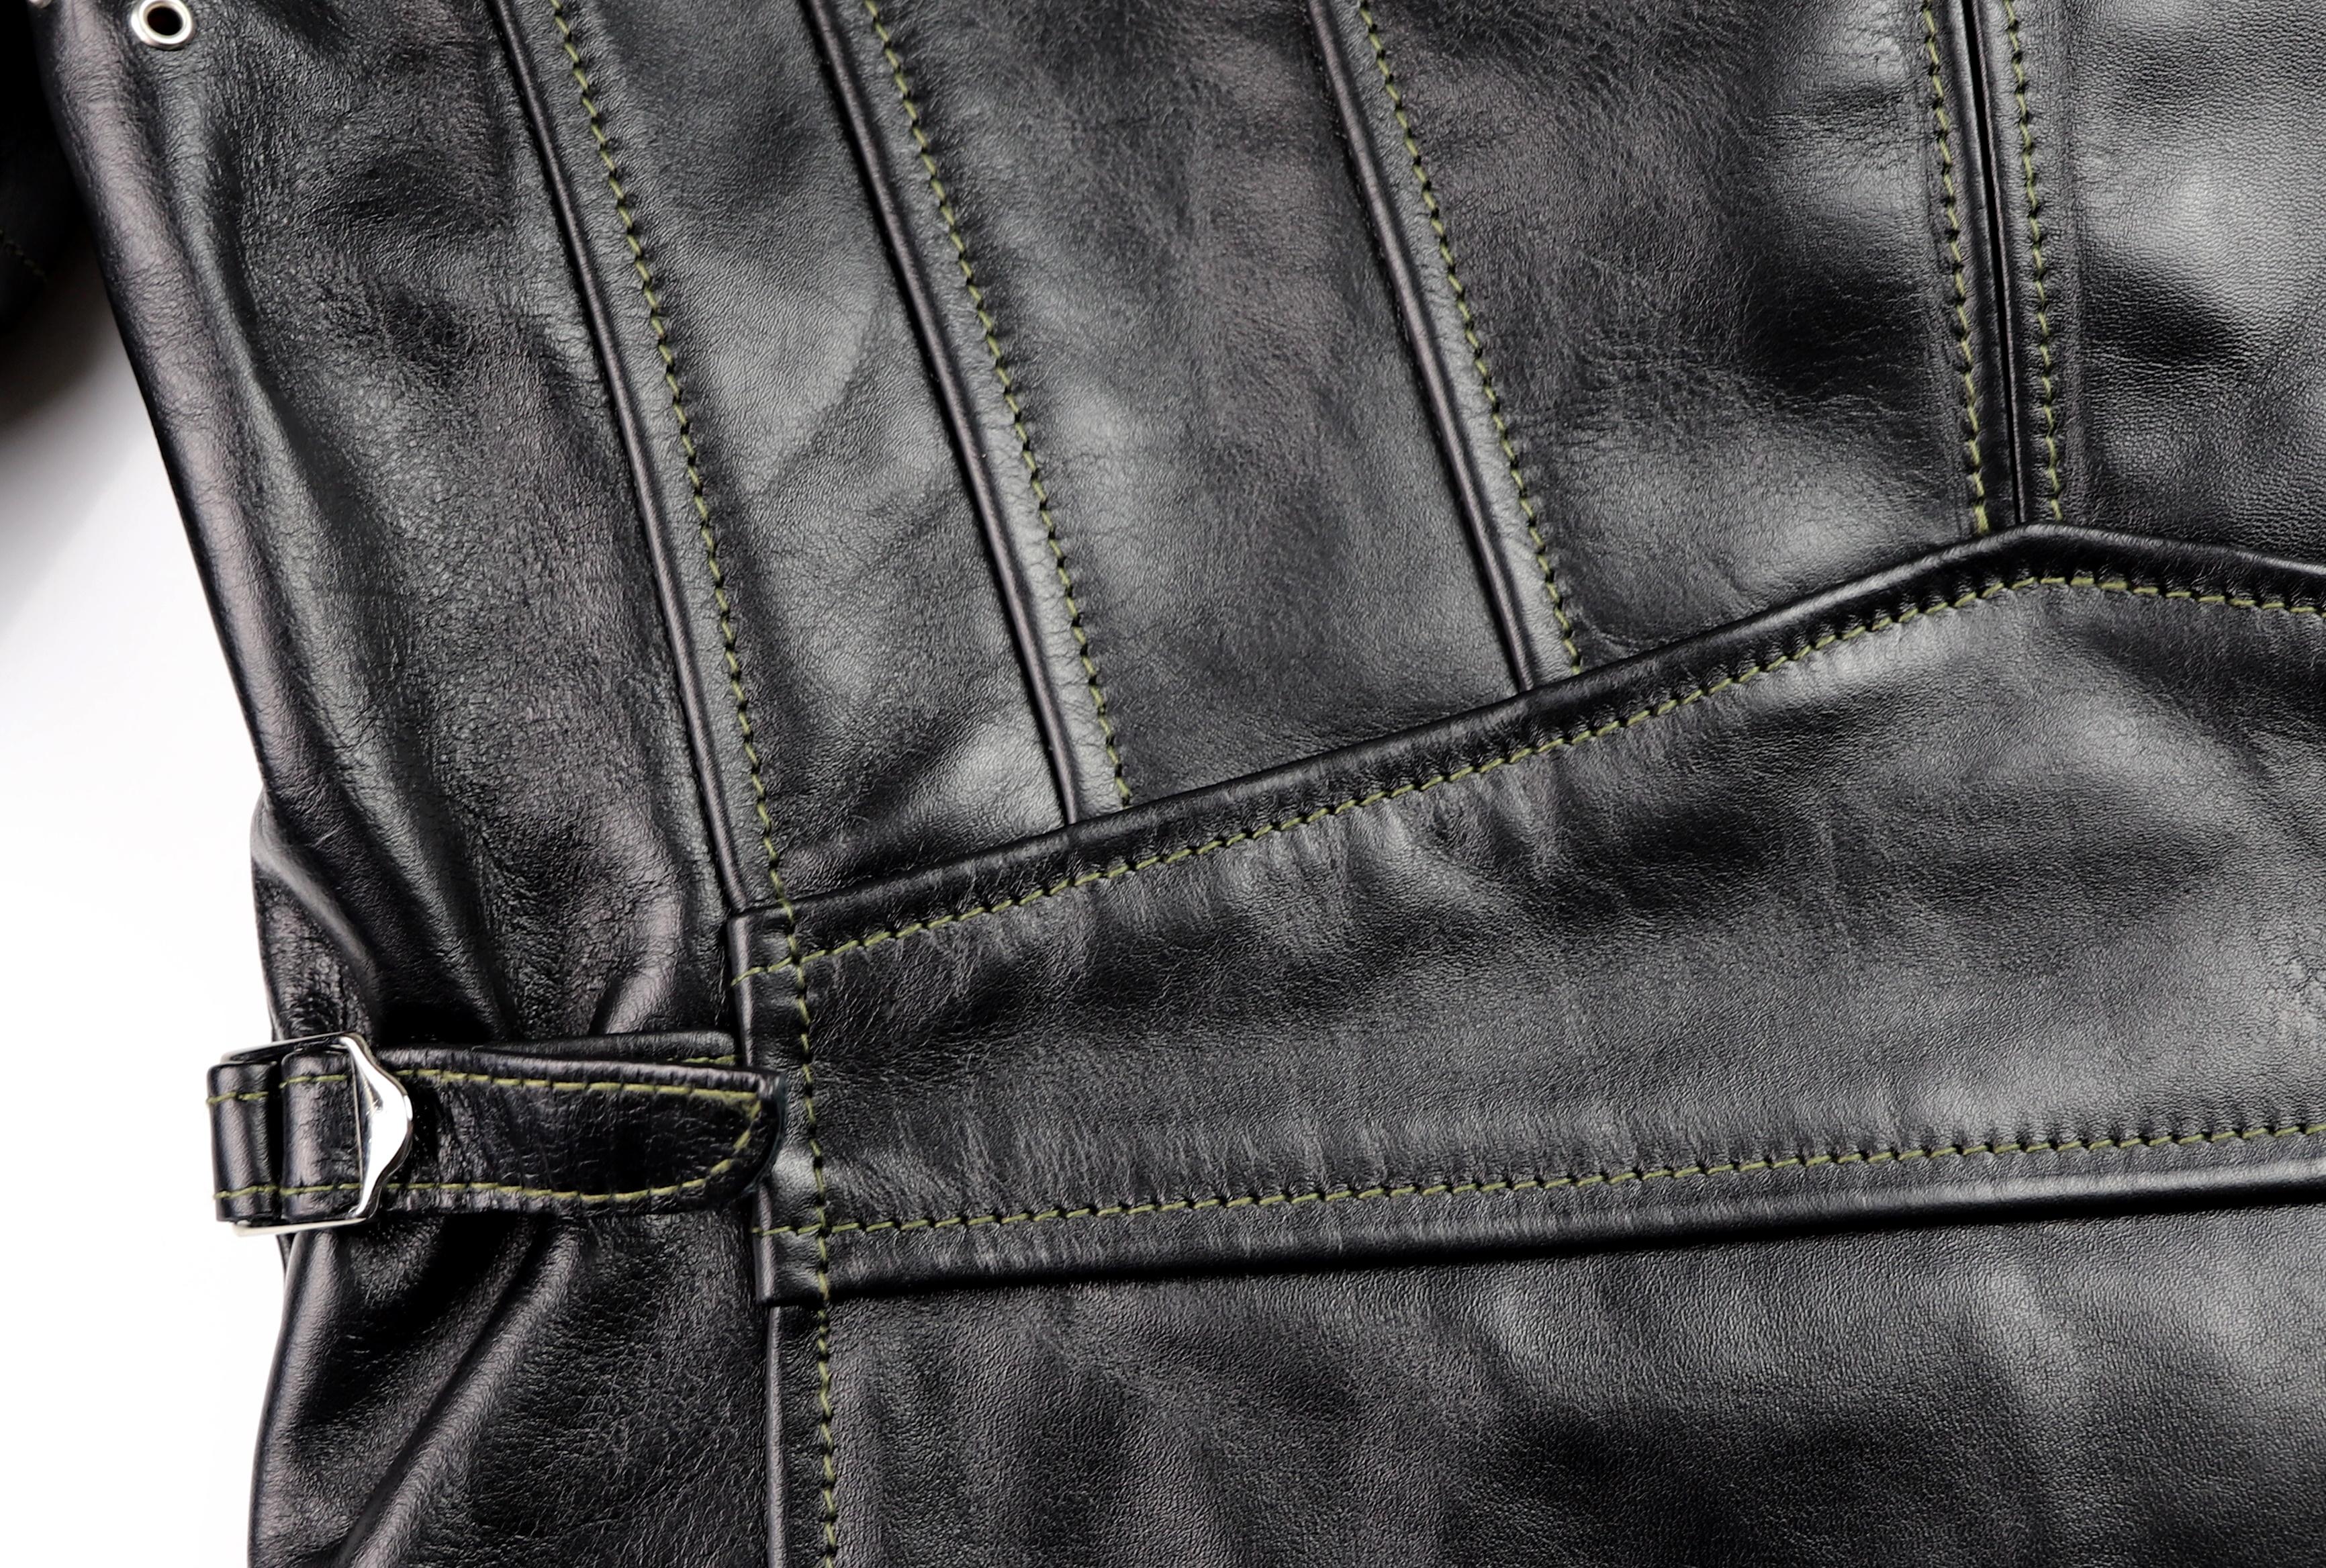 Aero Hooch Hauler Black Vicenza T7V side cinch.jpg